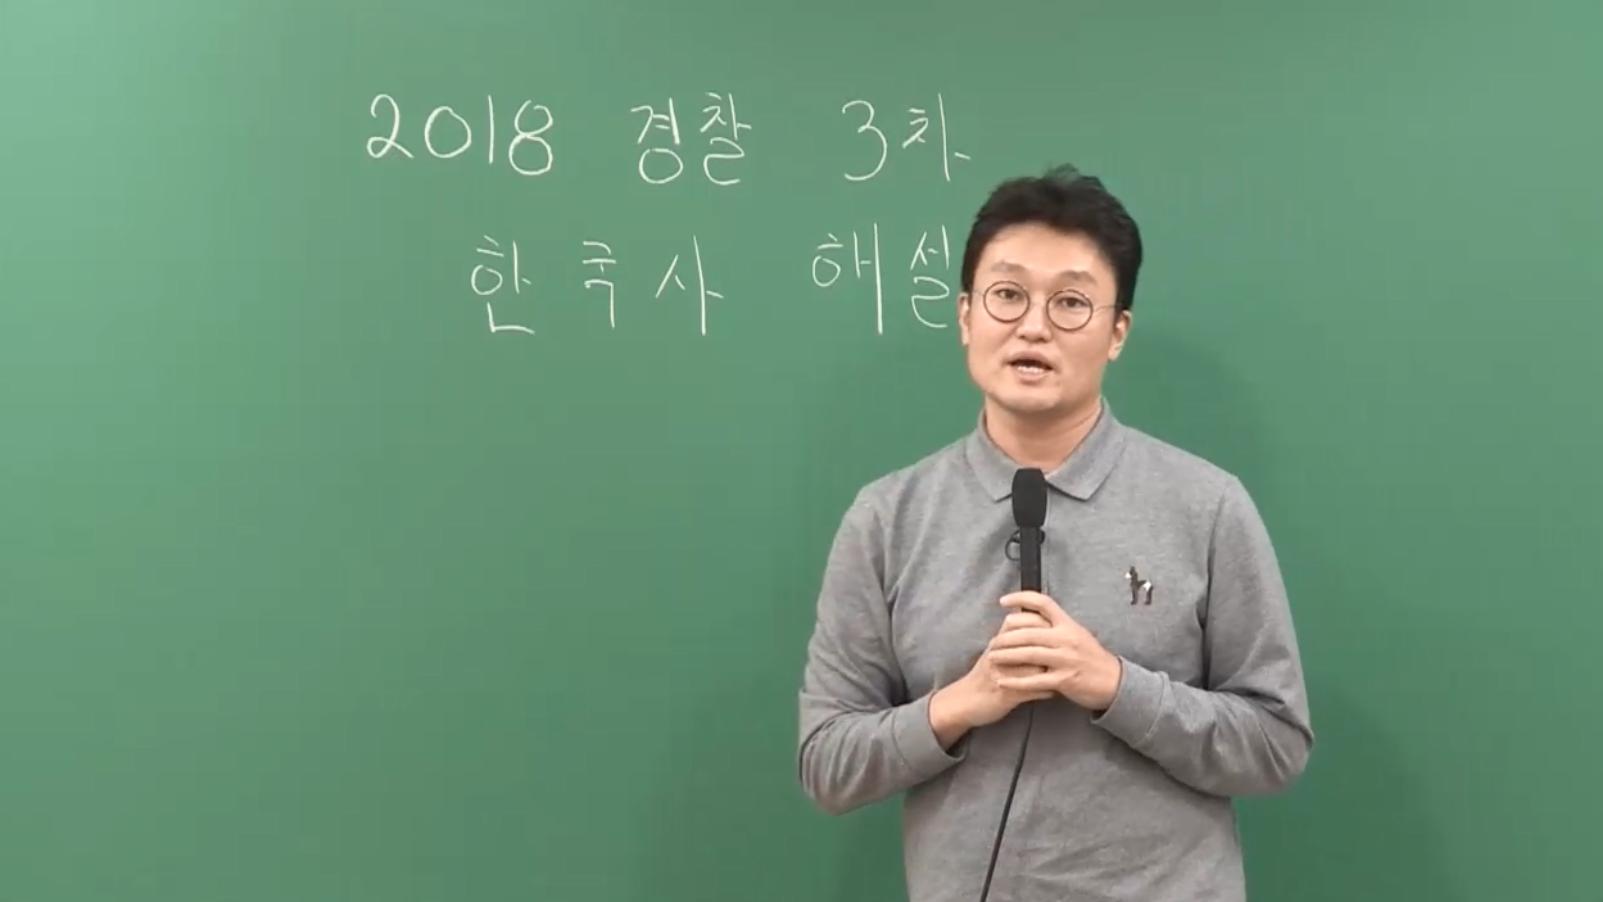 2018 경찰 3차 필기시험 한국사 해설강의 무료동영상